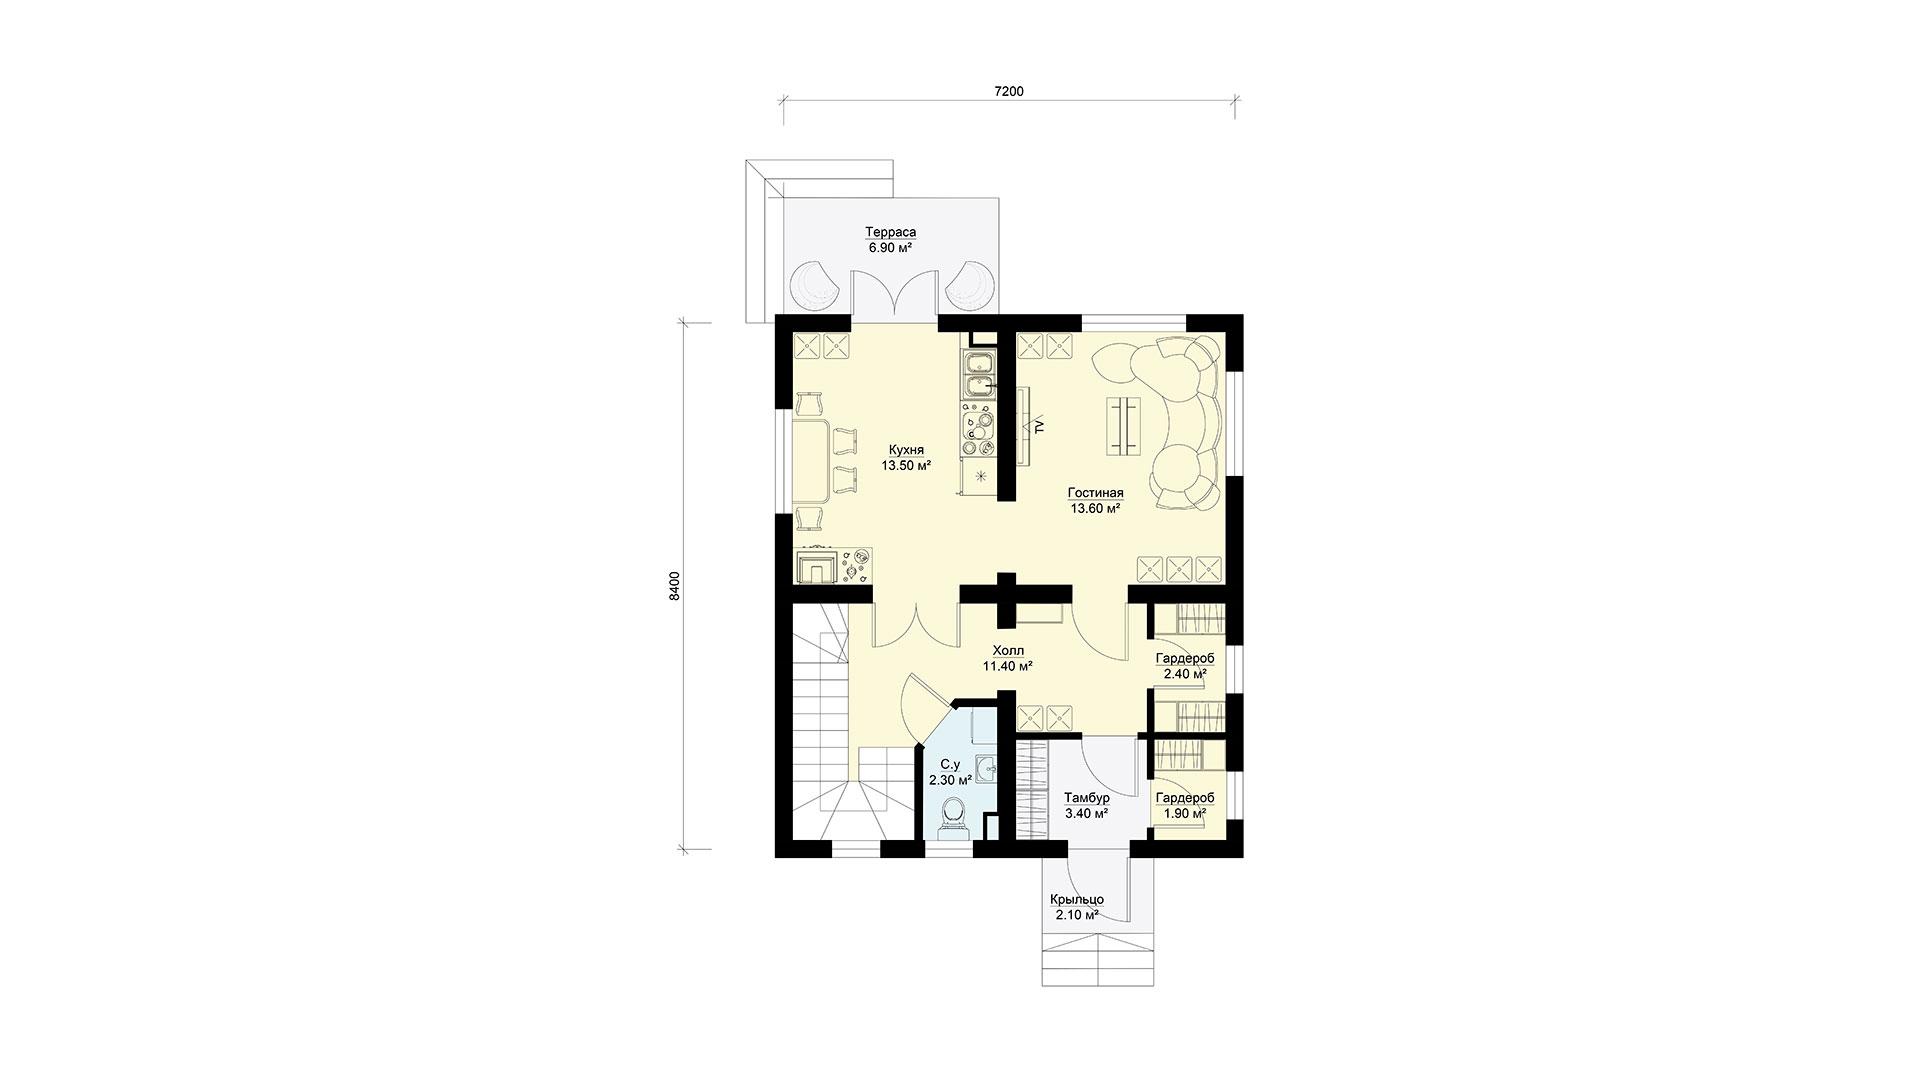 Планировка первого этажа проекта БП-97/2.